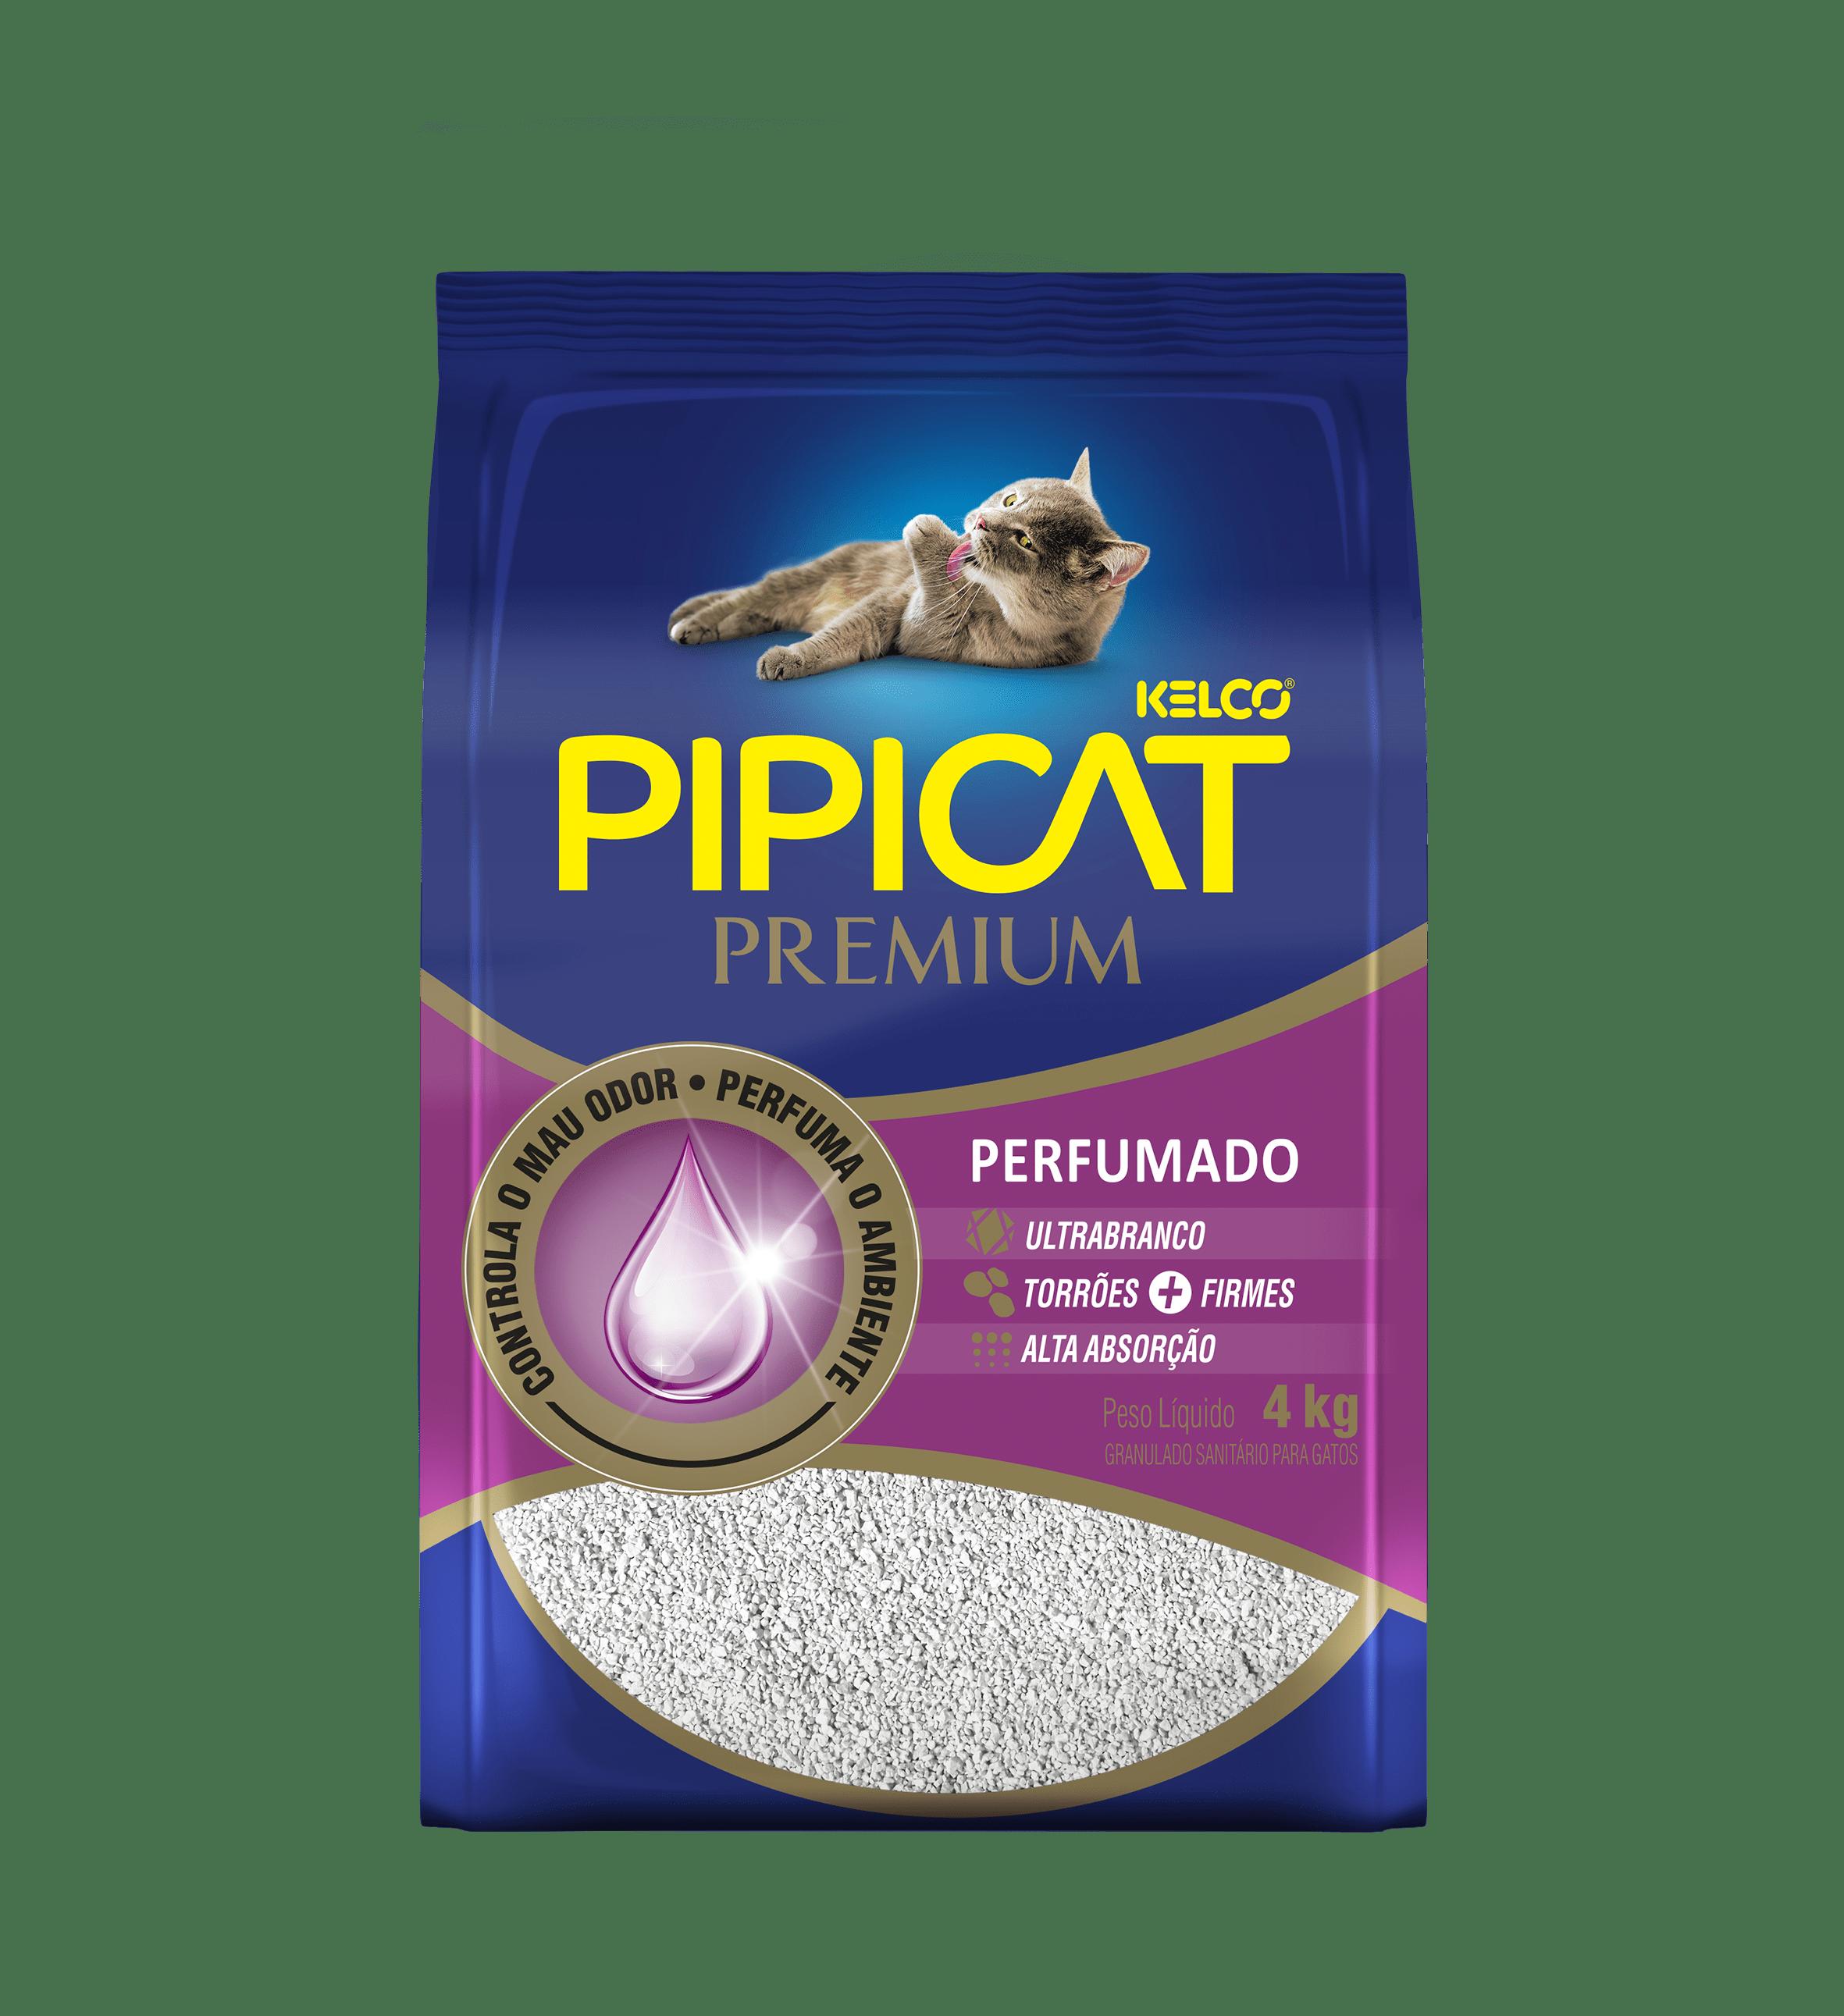 Pipicat Premium Perfumado 4kg